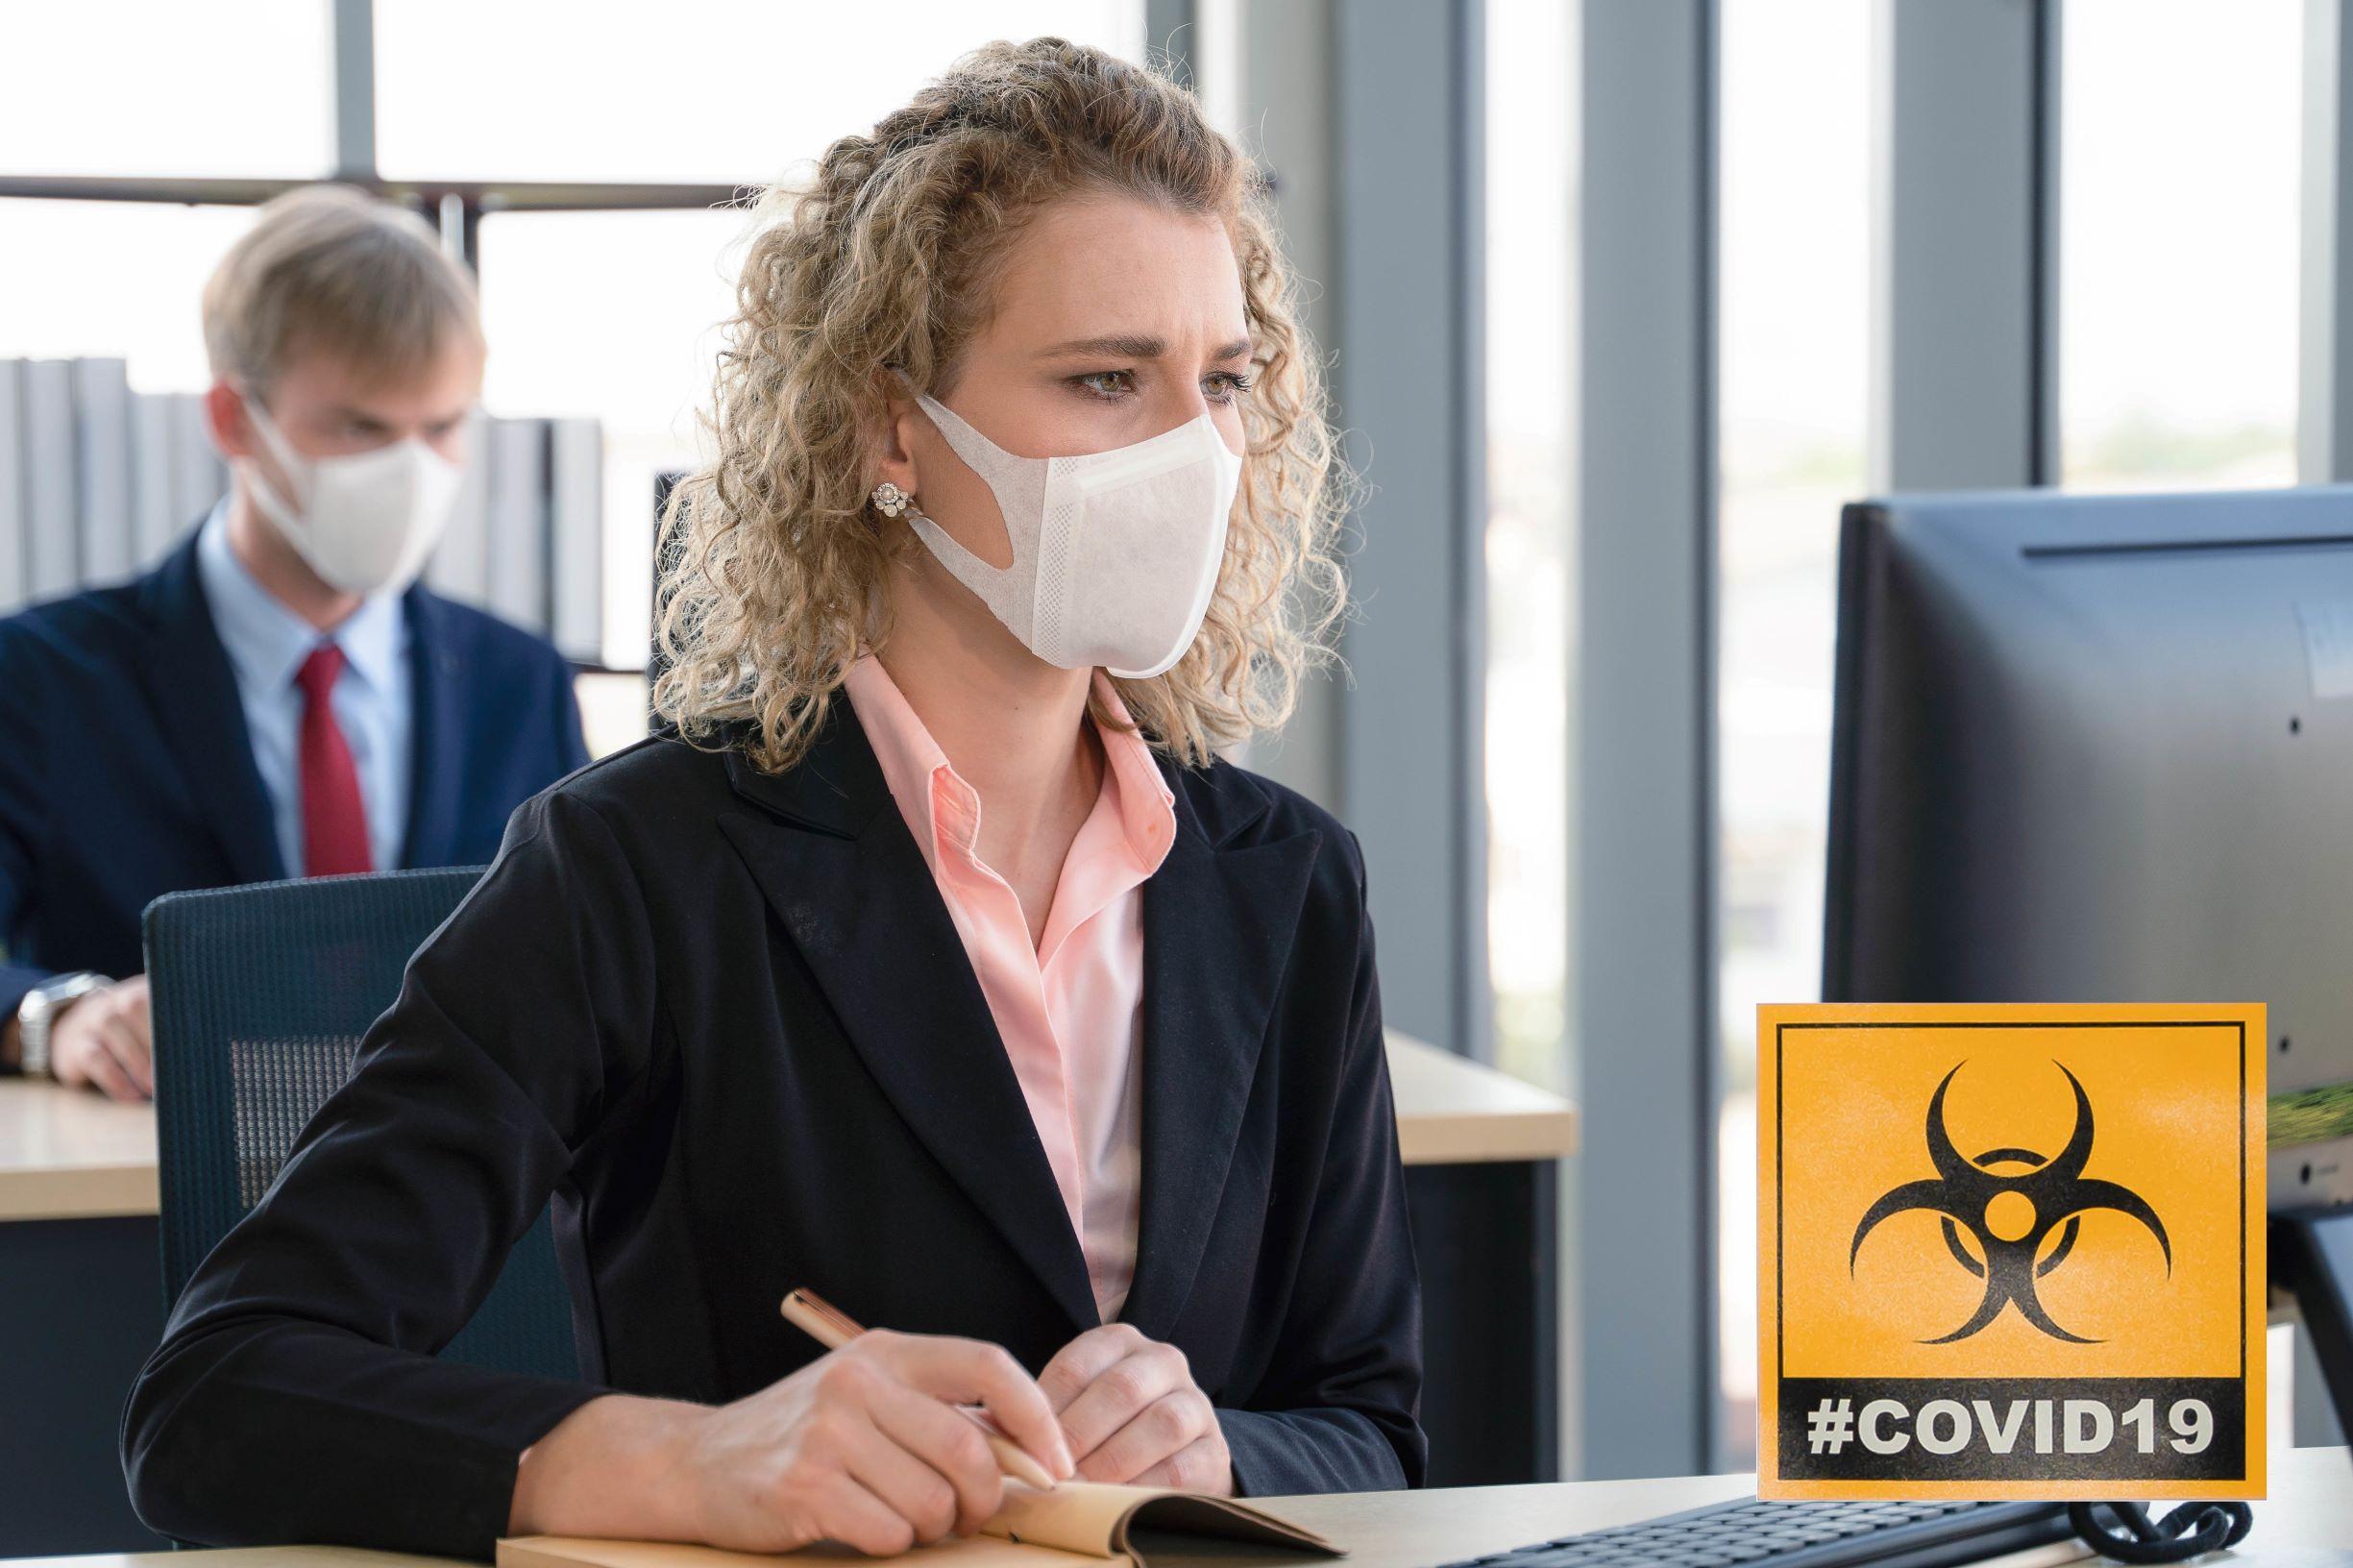 Contenimento del virus Covid-19 negli ambienti di lavoro